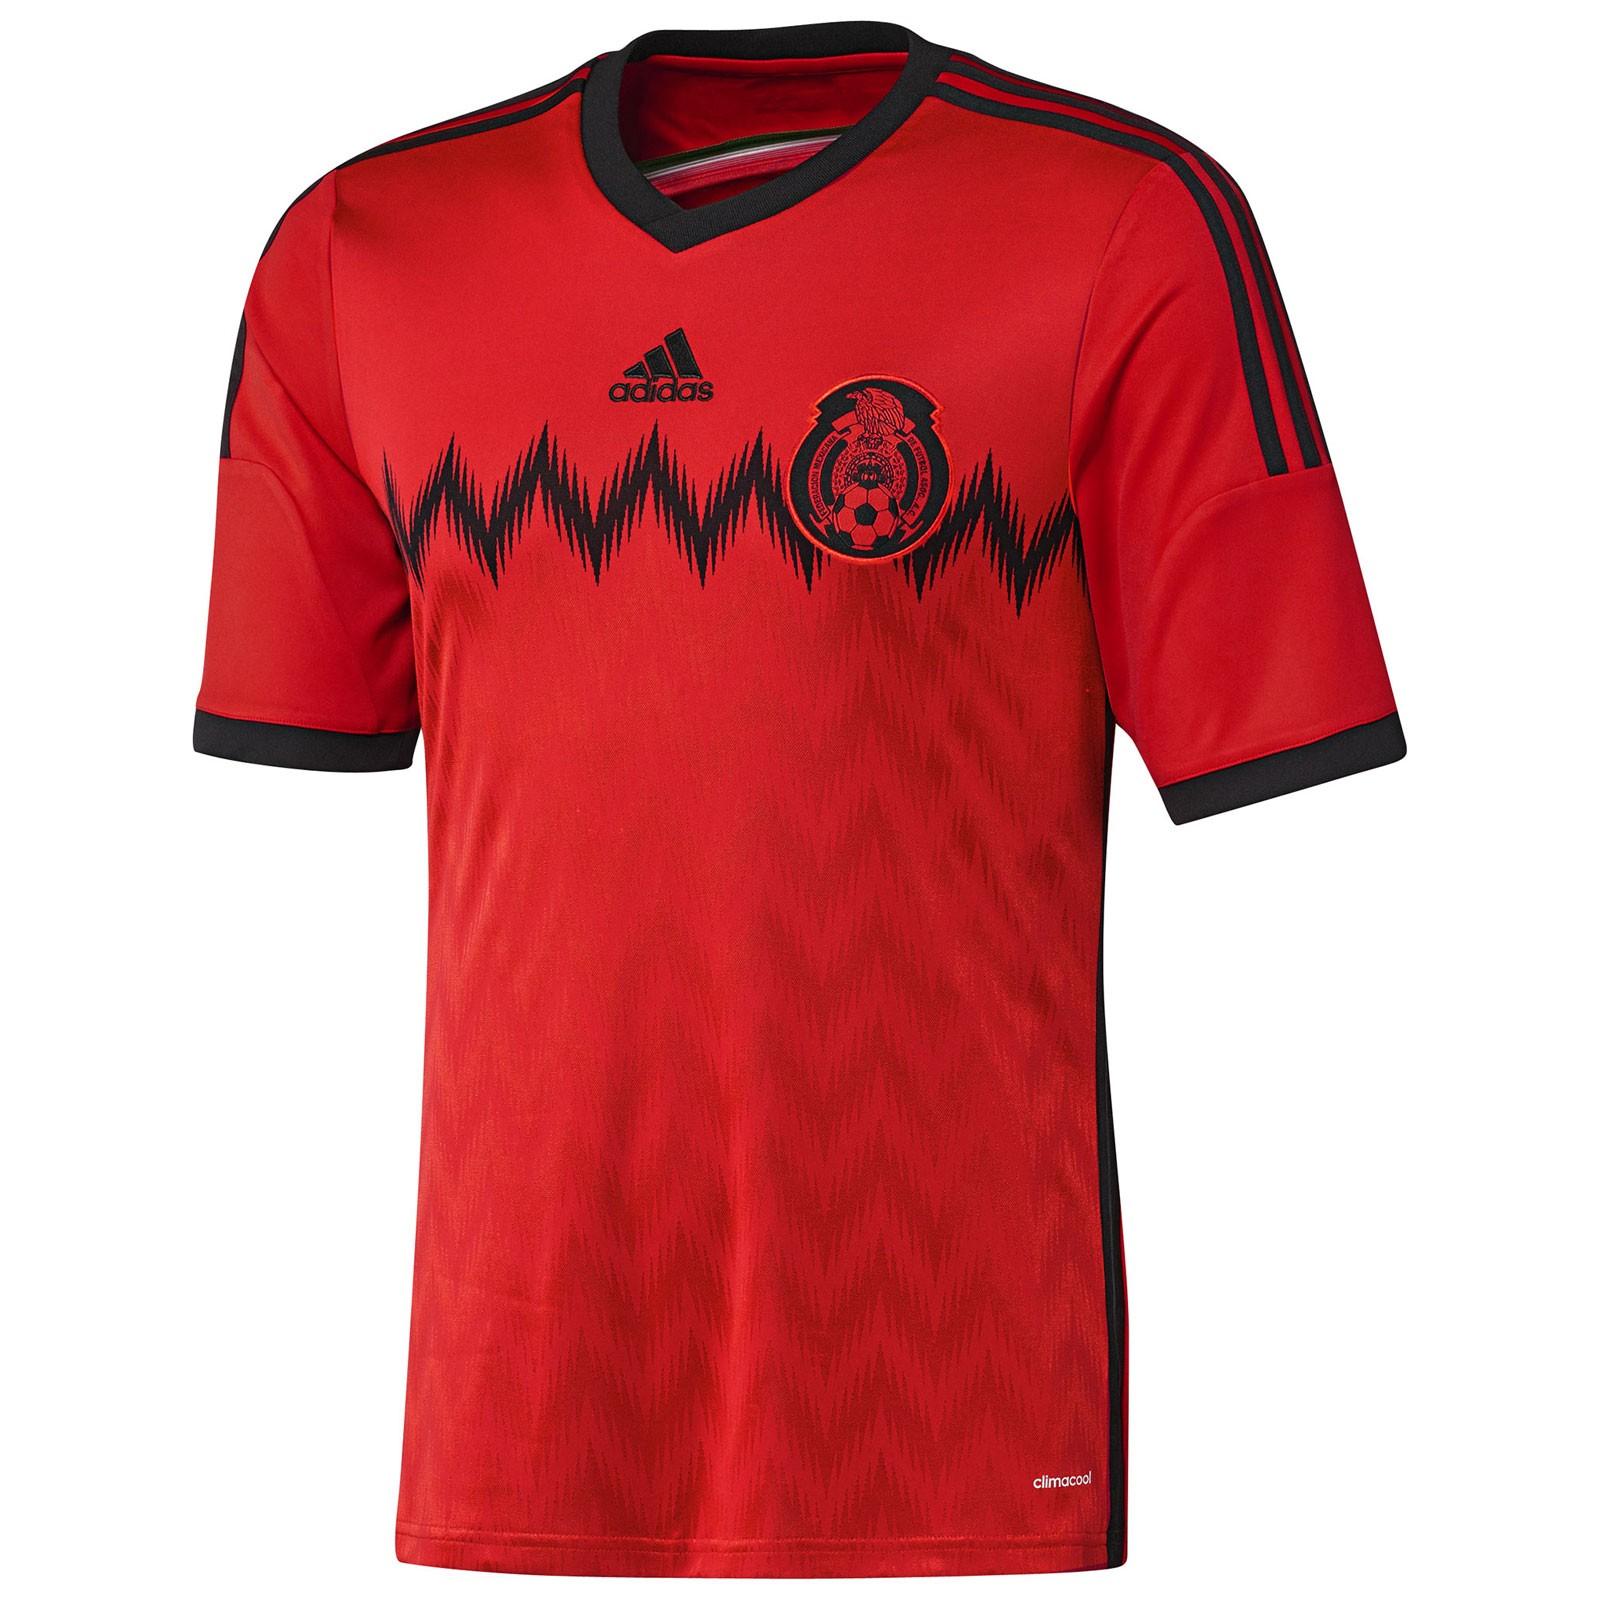 墨西哥国家队2014世界杯球迷版客场球衣